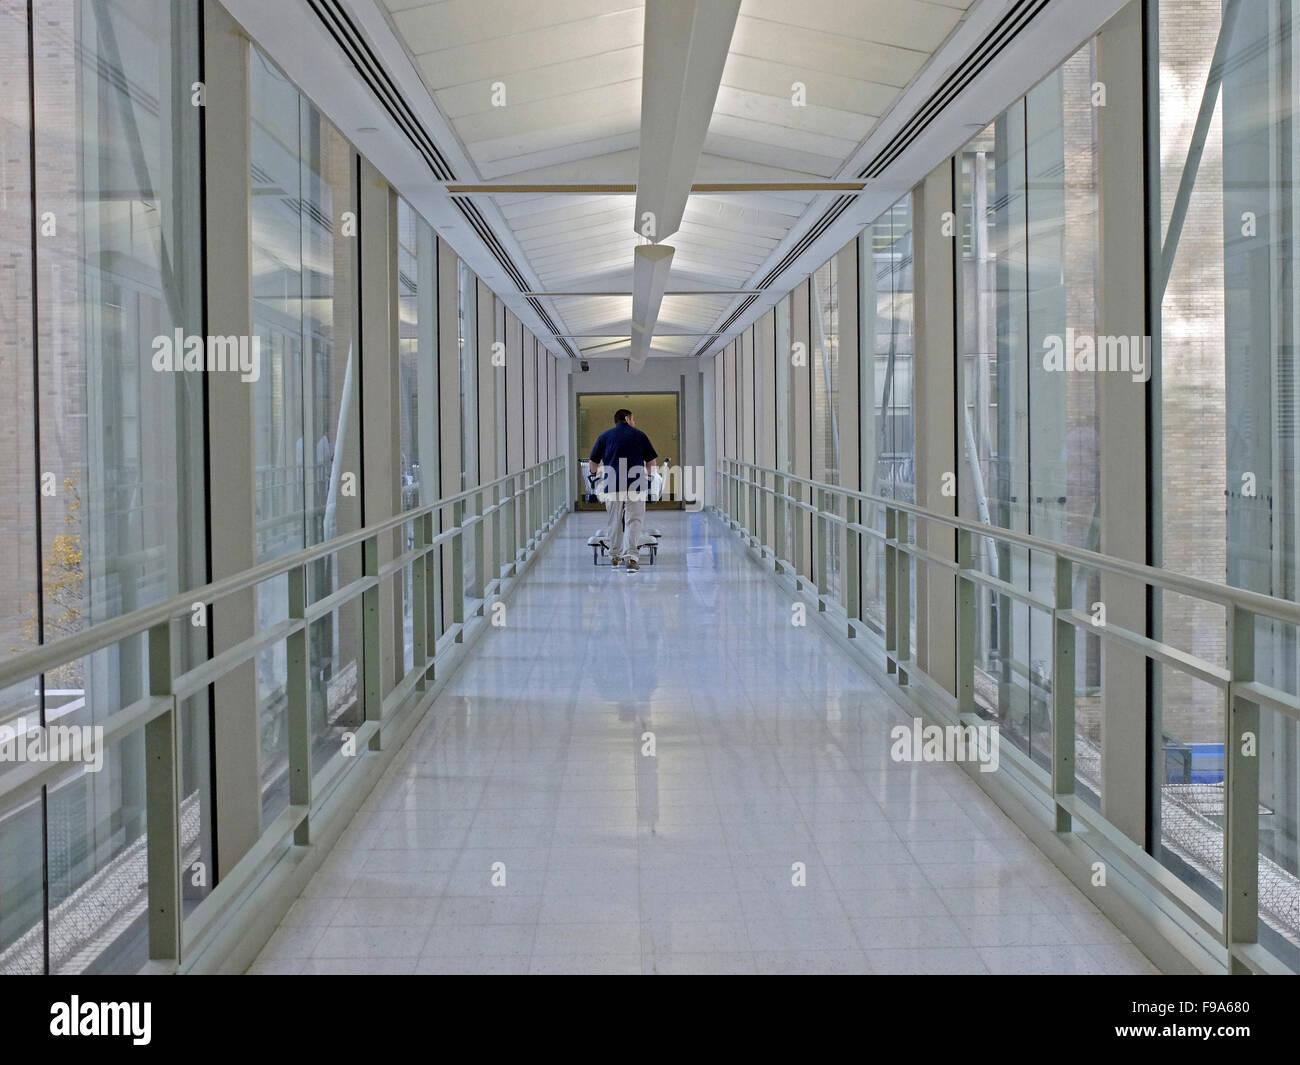 Mount Sinai Hospital Stock Photos & Mount Sinai Hospital Stock